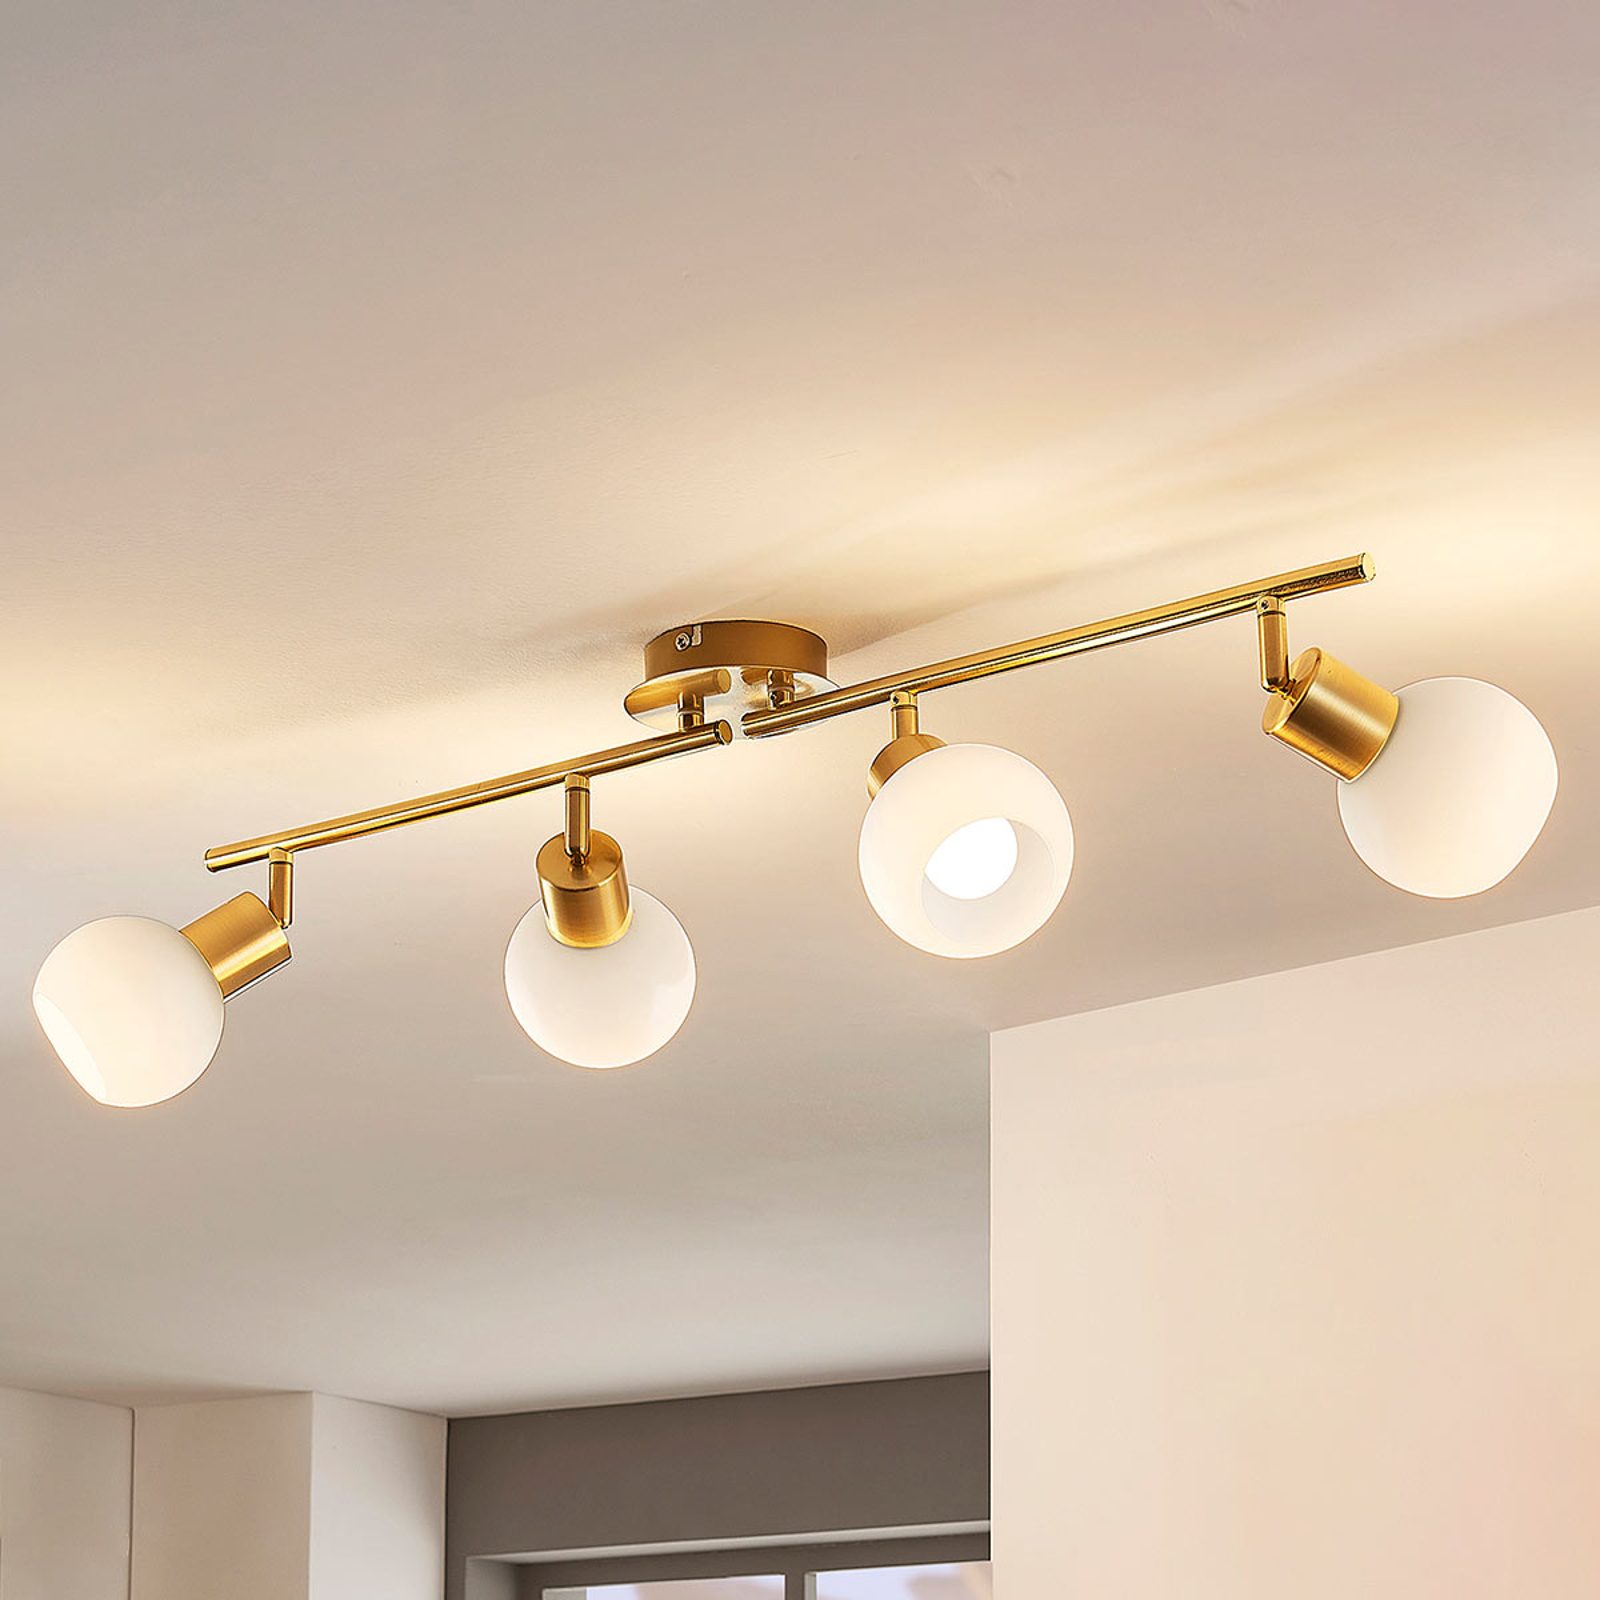 LED-taklampa Elaina i mässing, 4 ljuskällor